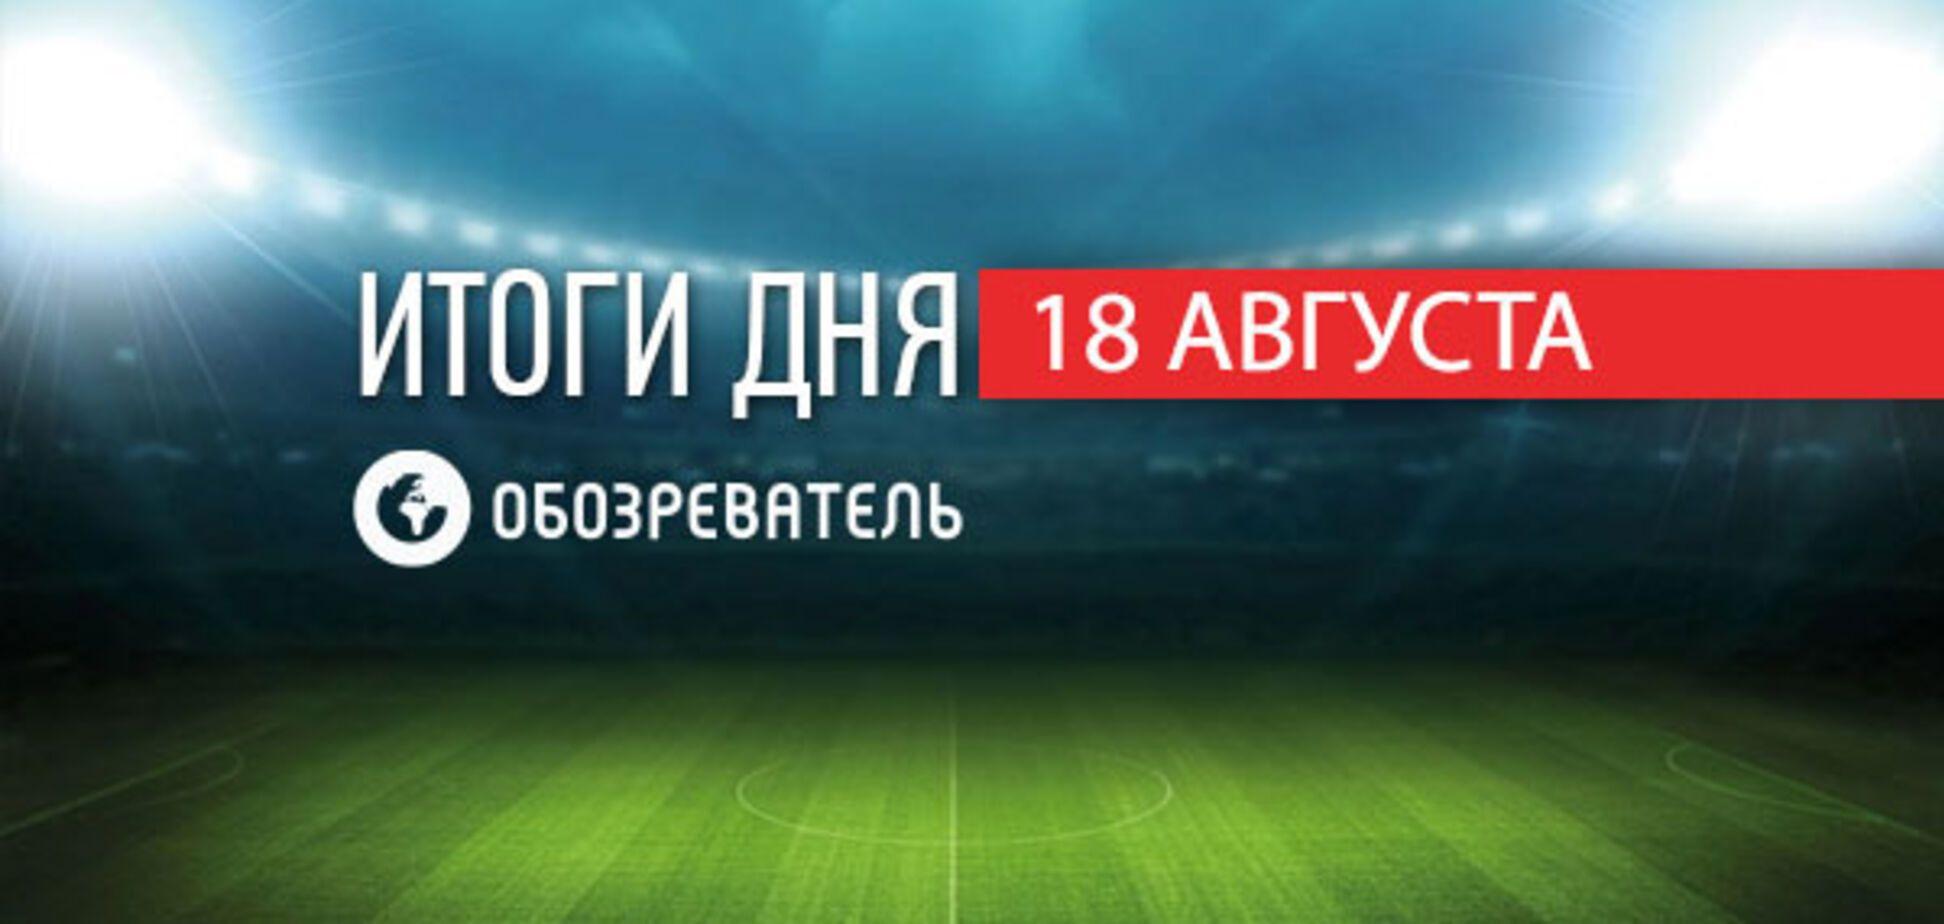 Левченко знялася в несподіваній фотосесії: спортивні підсумки 18 серпня